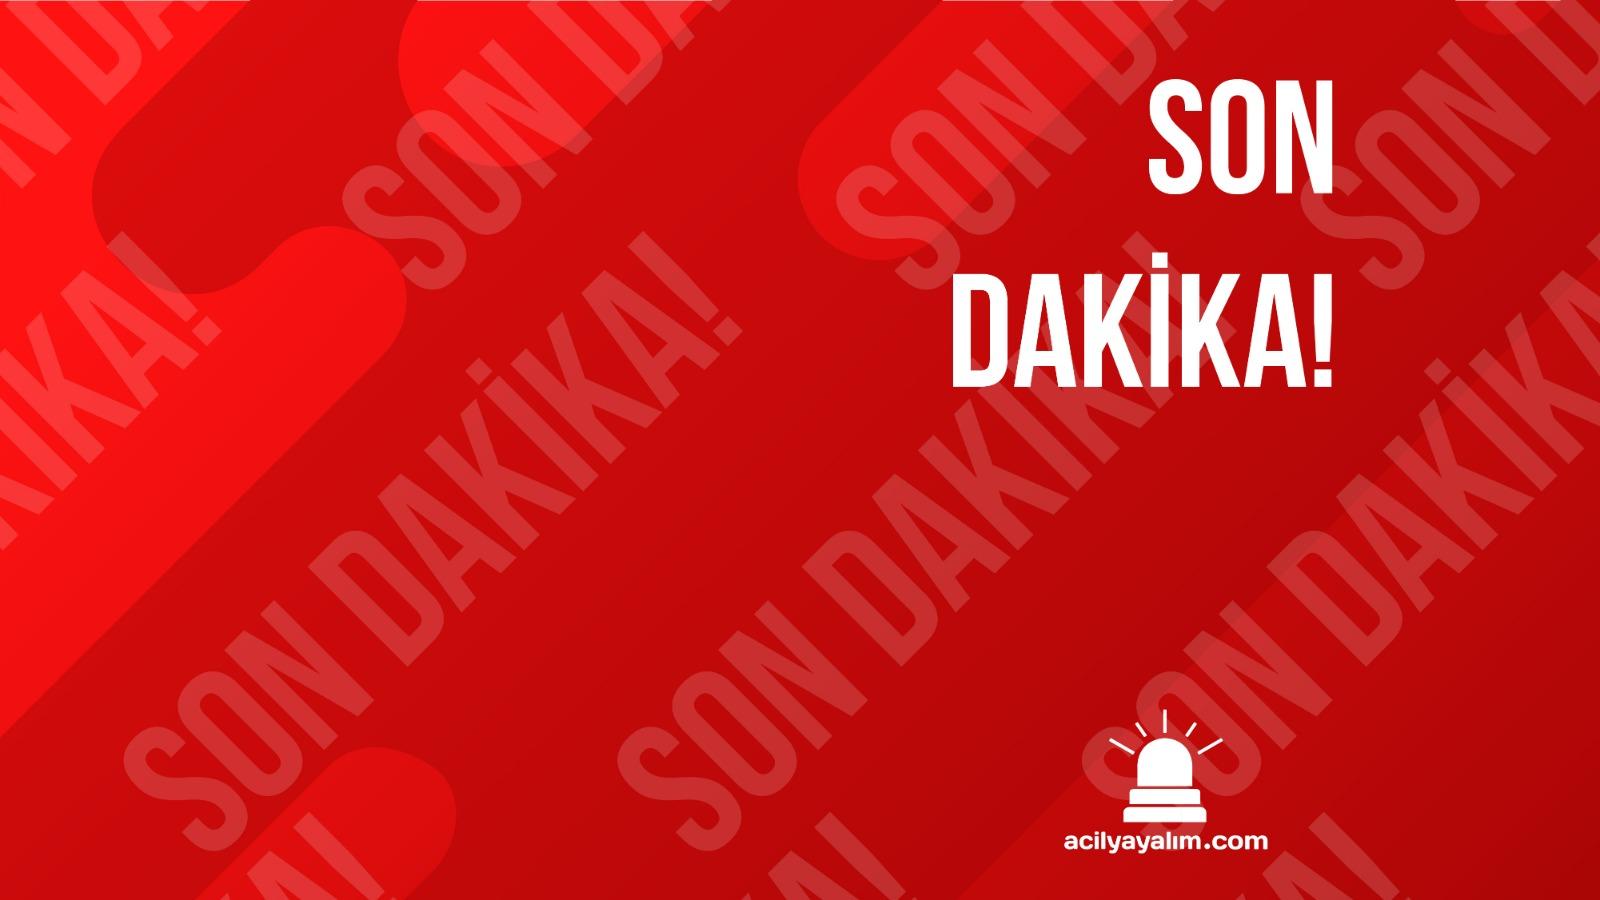 Siirt'te meydana gelen deprem civar illerde de hissedildi! 5.0